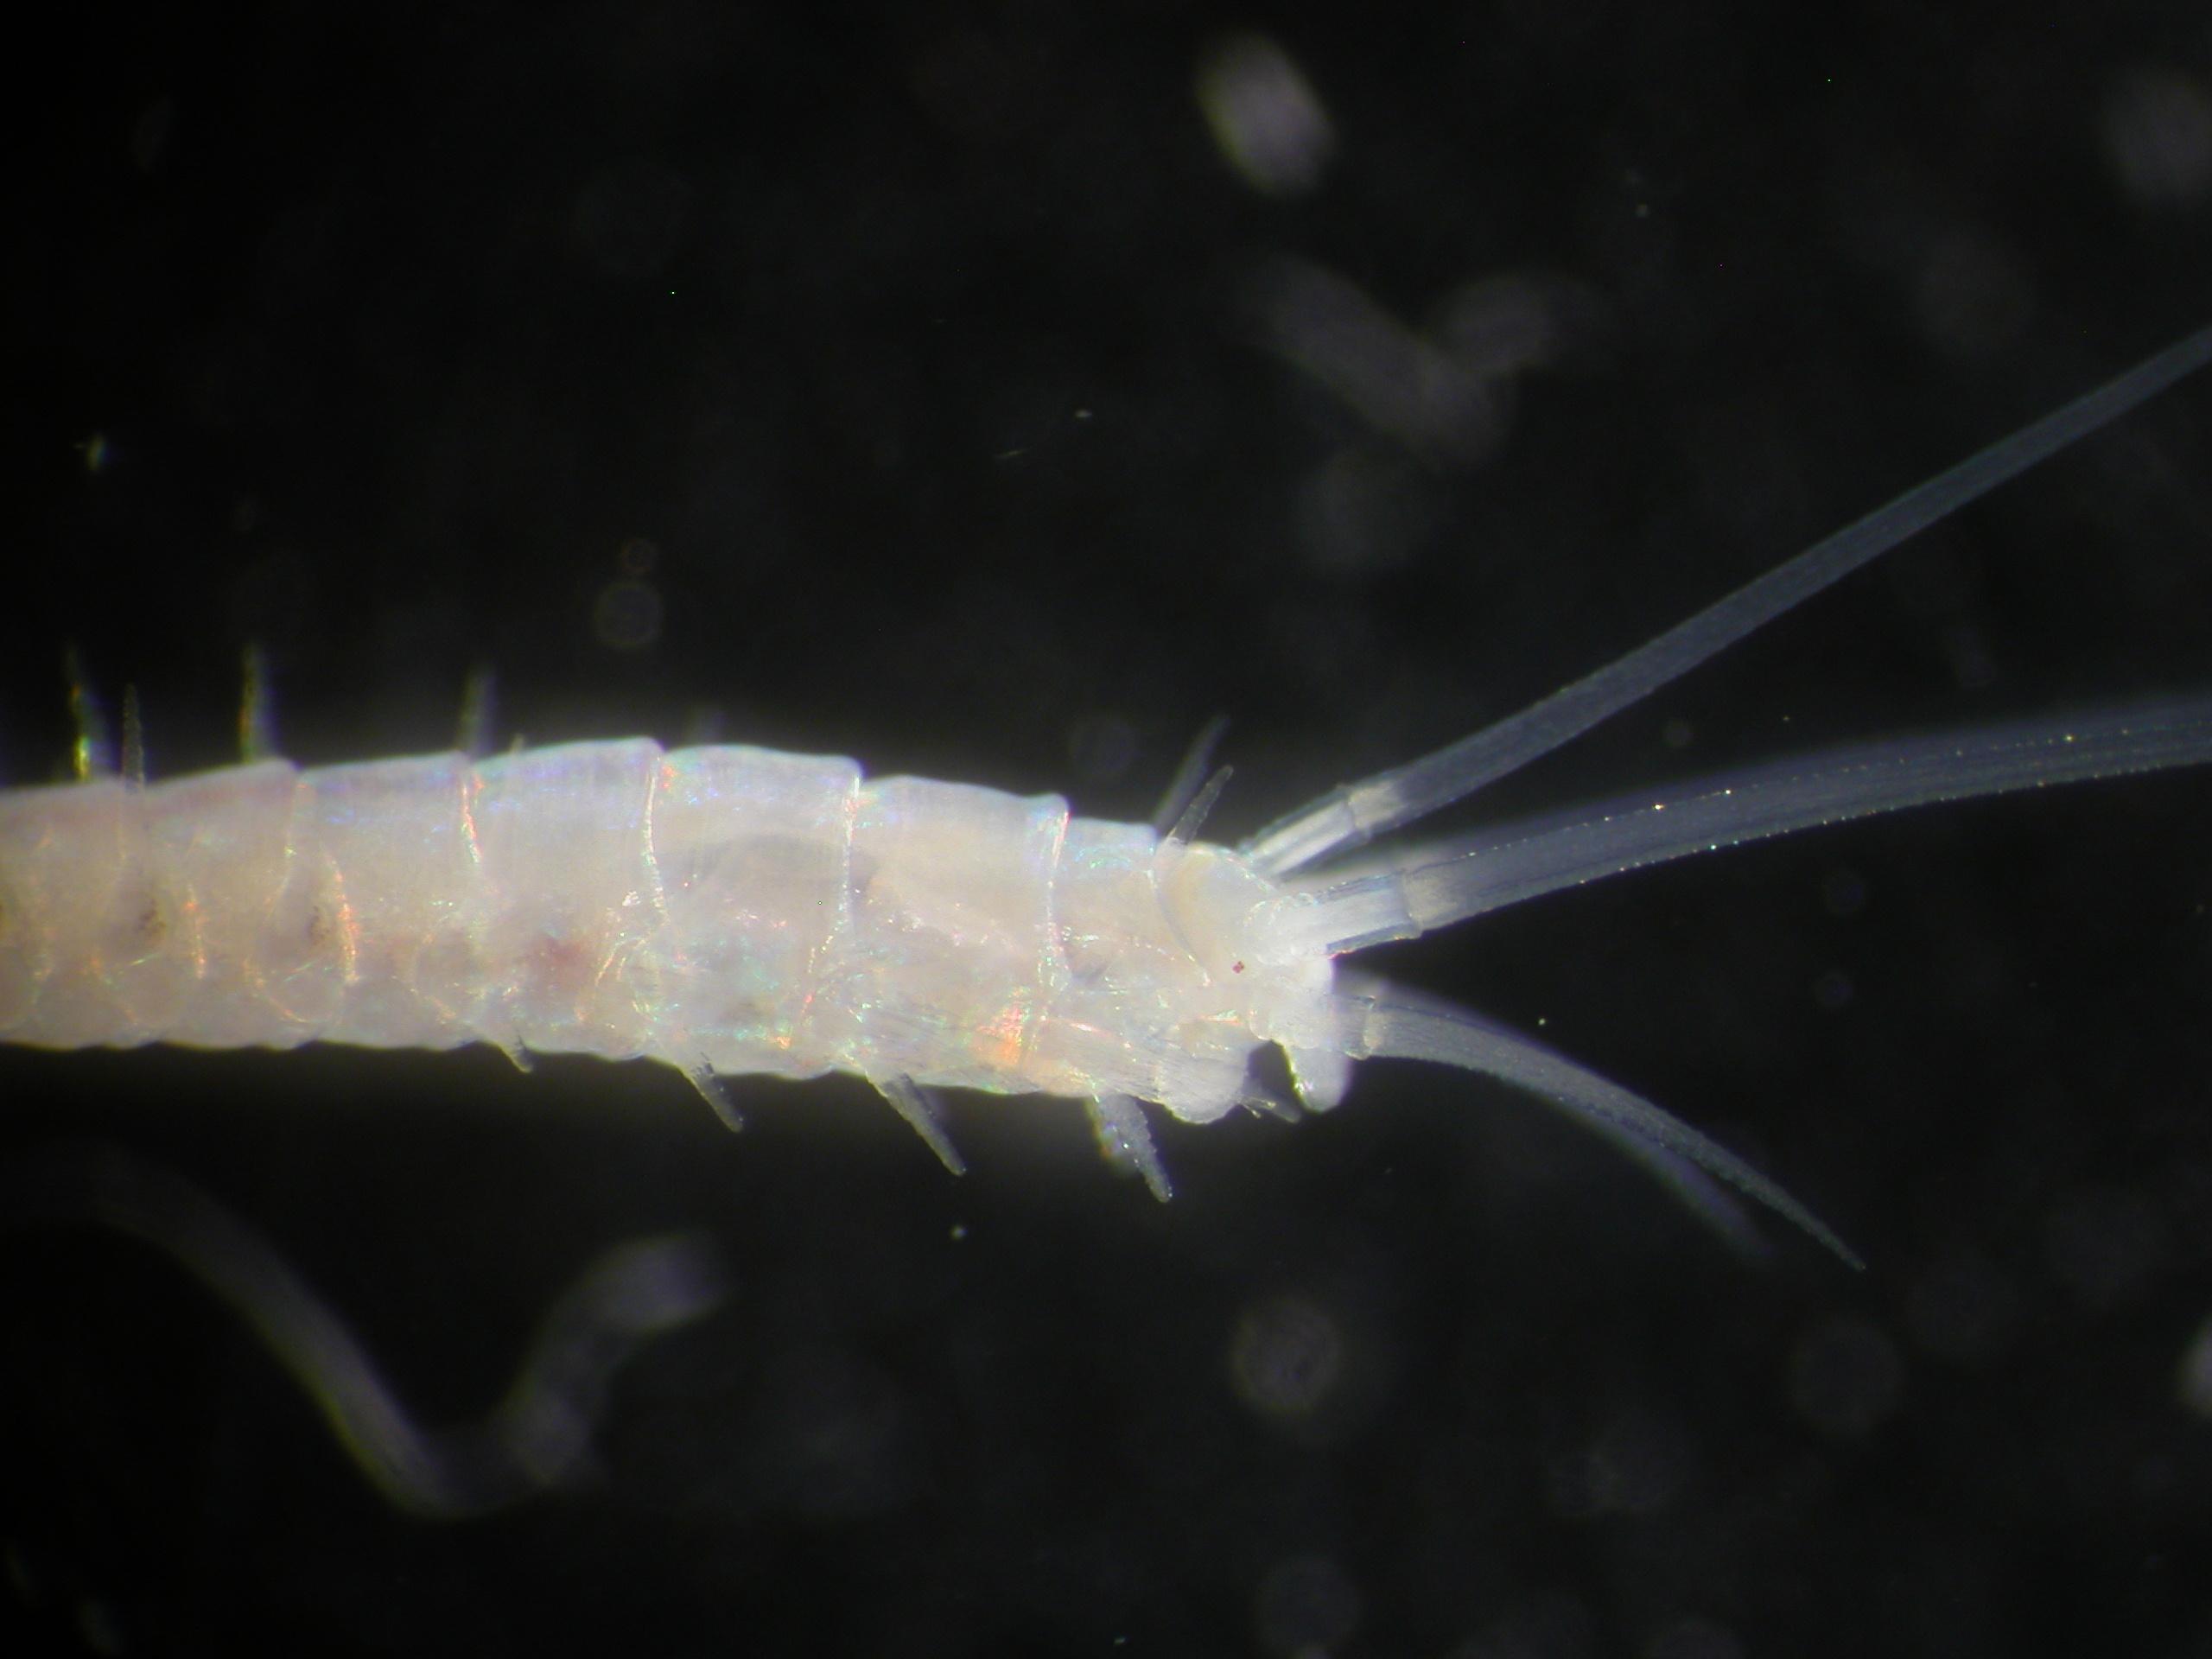 Mooreonuphis dangrigae